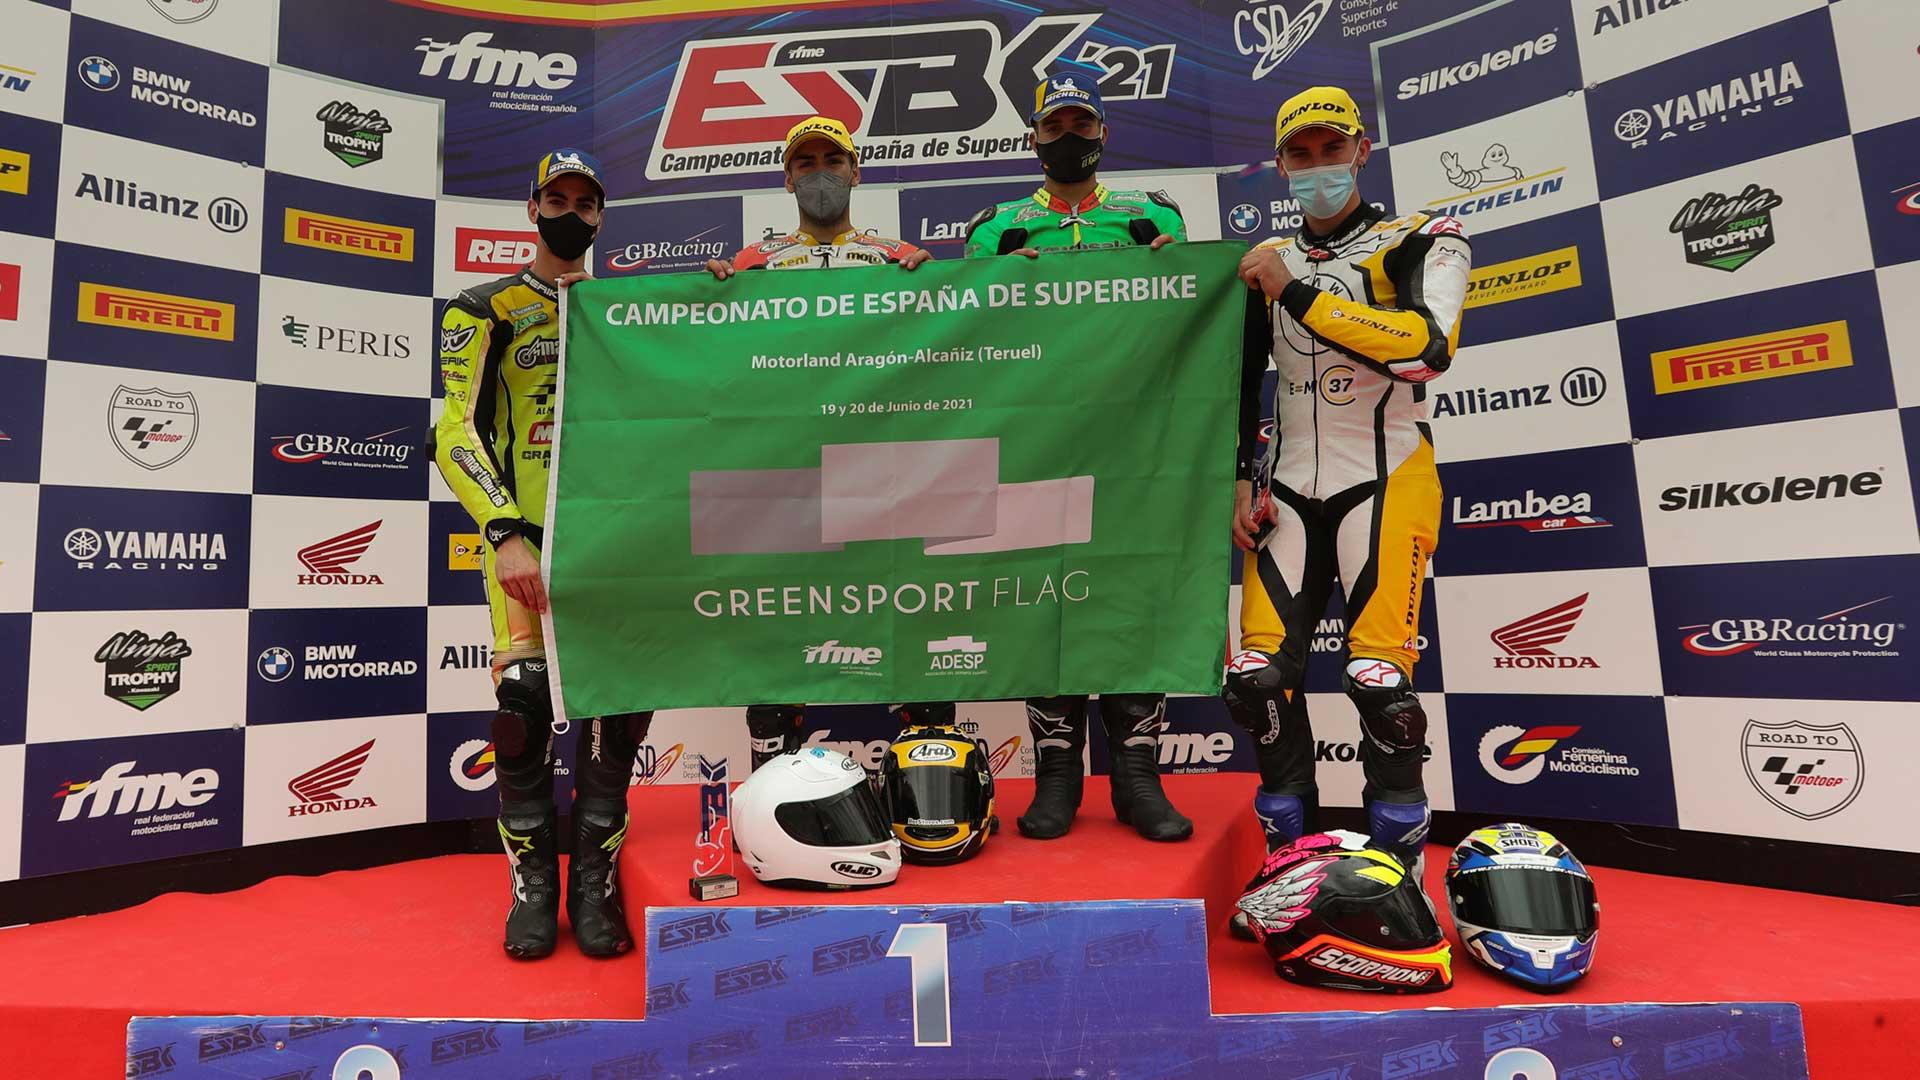 ESBK MotorLand Aragón: primera carrera de Velocidad en recibir la Green Sport Flag